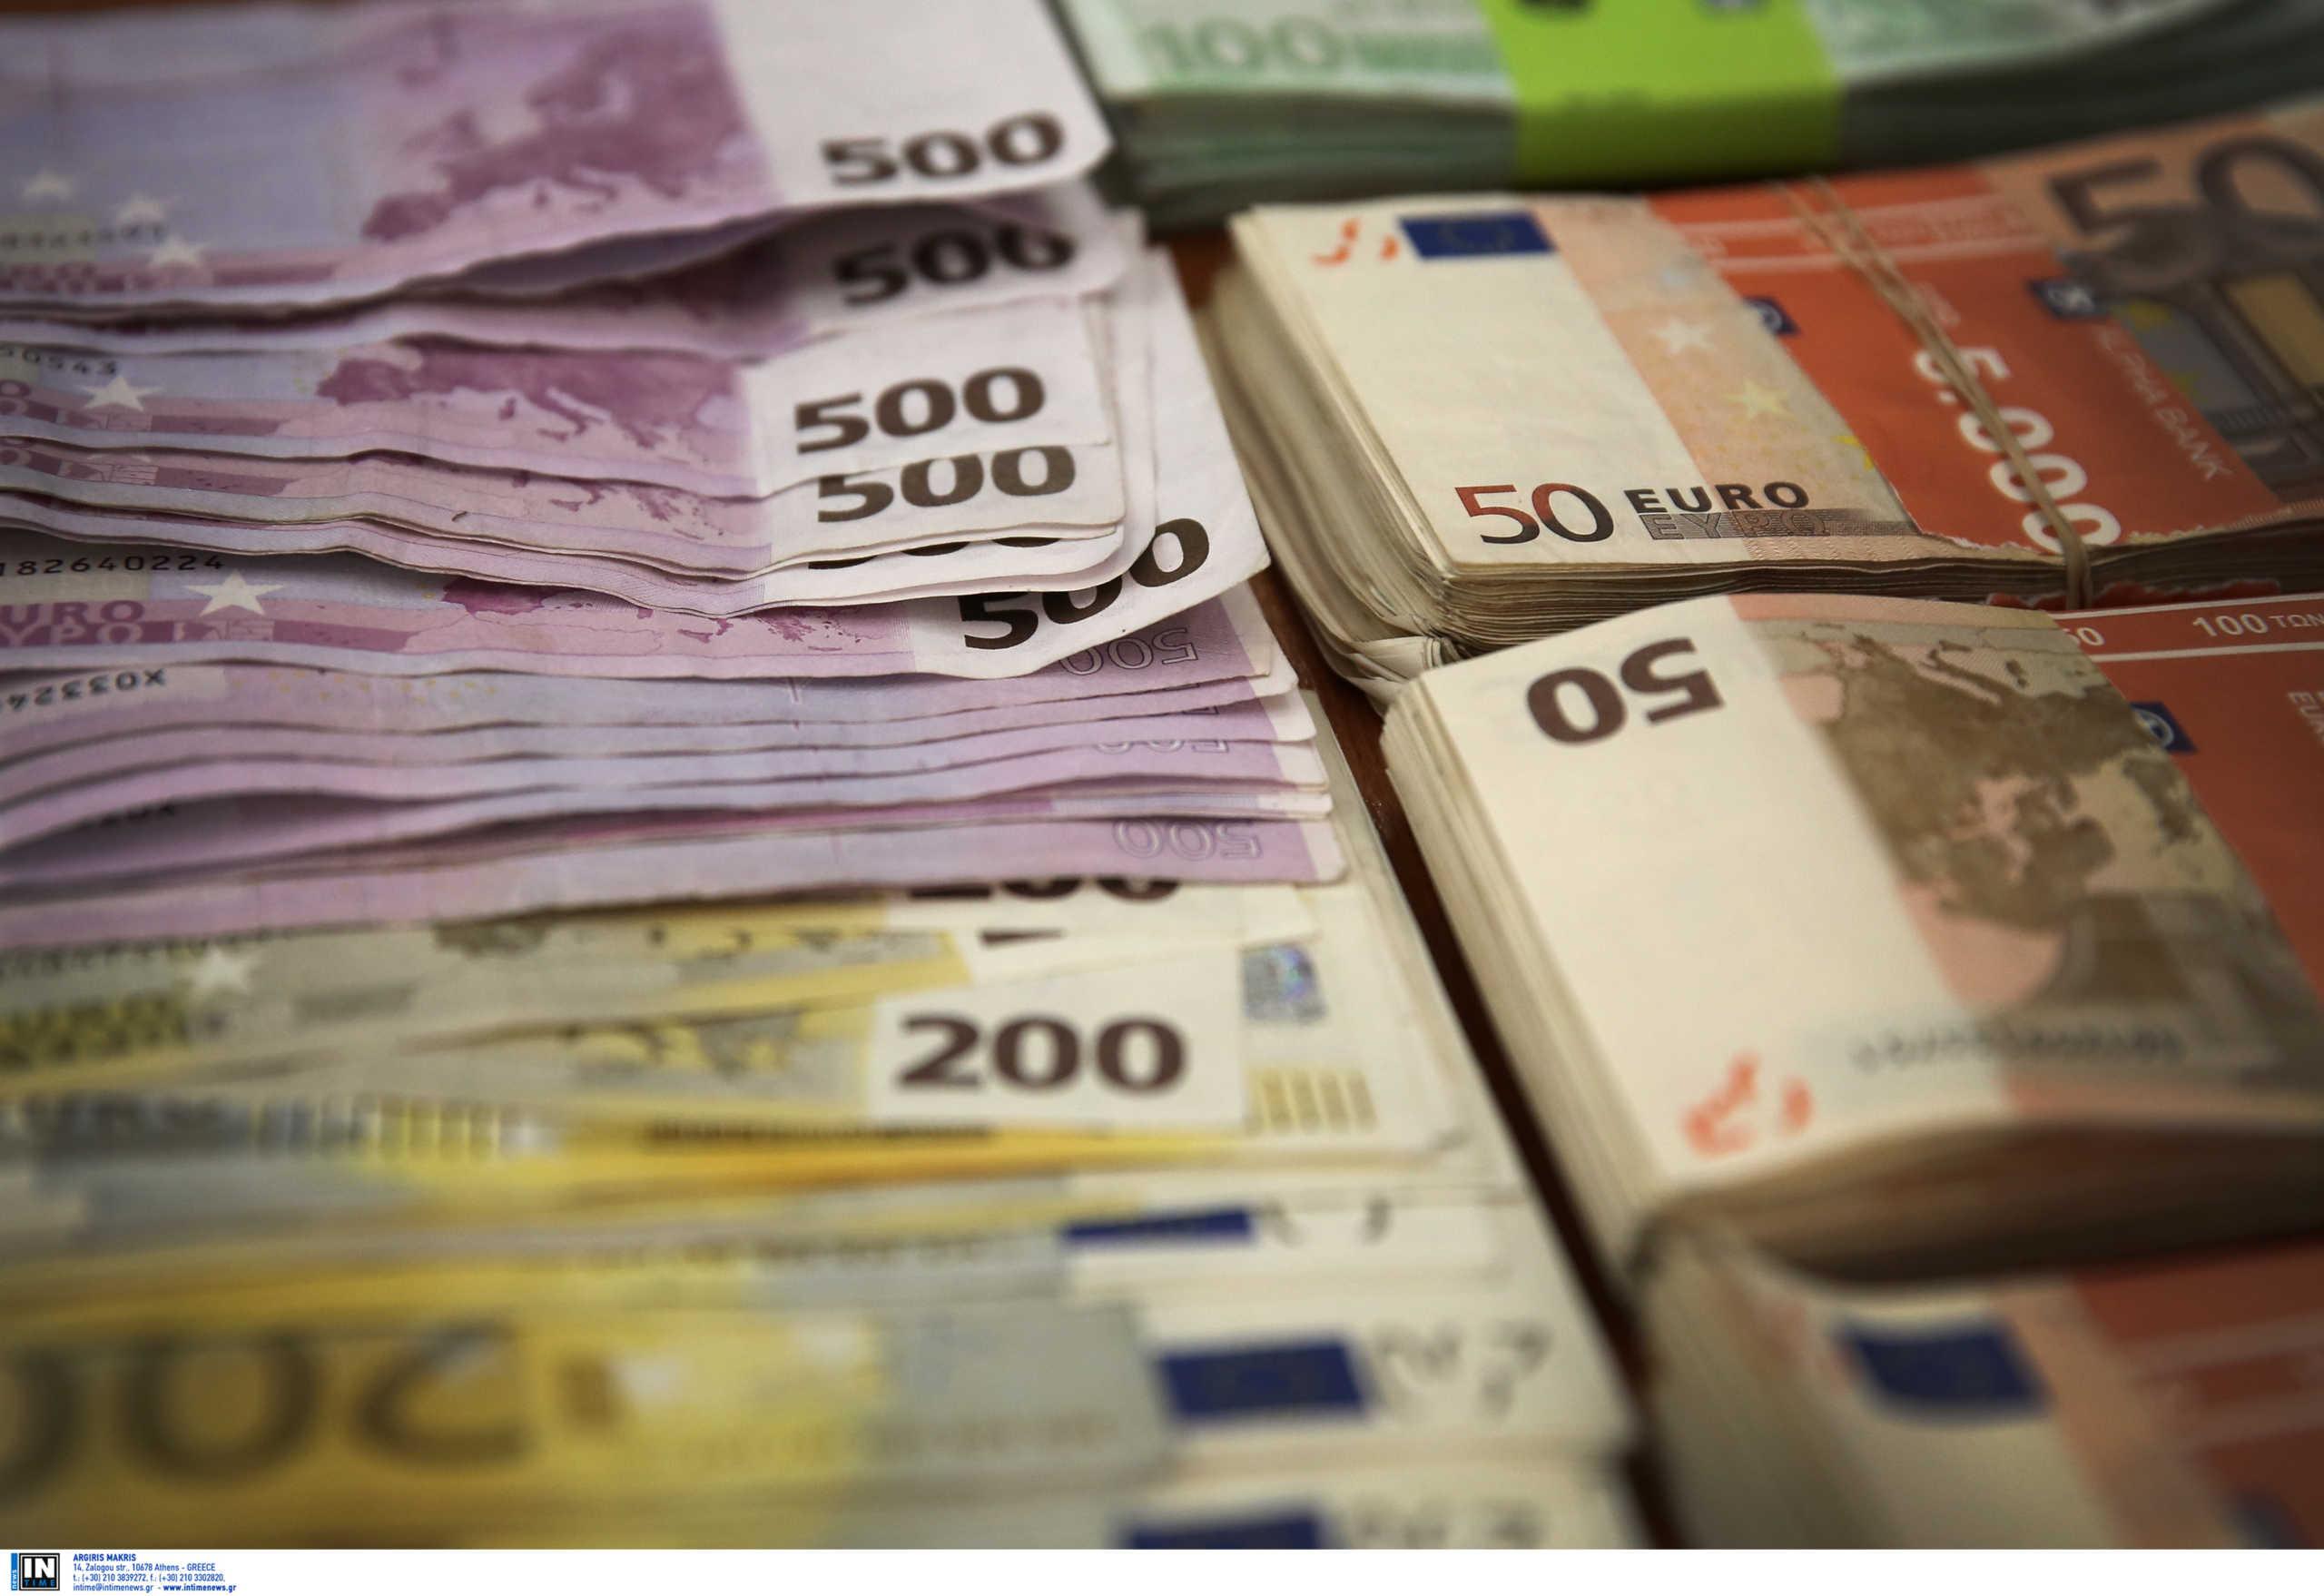 Εθνικές Χρηματοδοτήσεις 2,8 εκατ. ευρώ για τα ερευνητικά έργα 5 Πανεπιστημίων